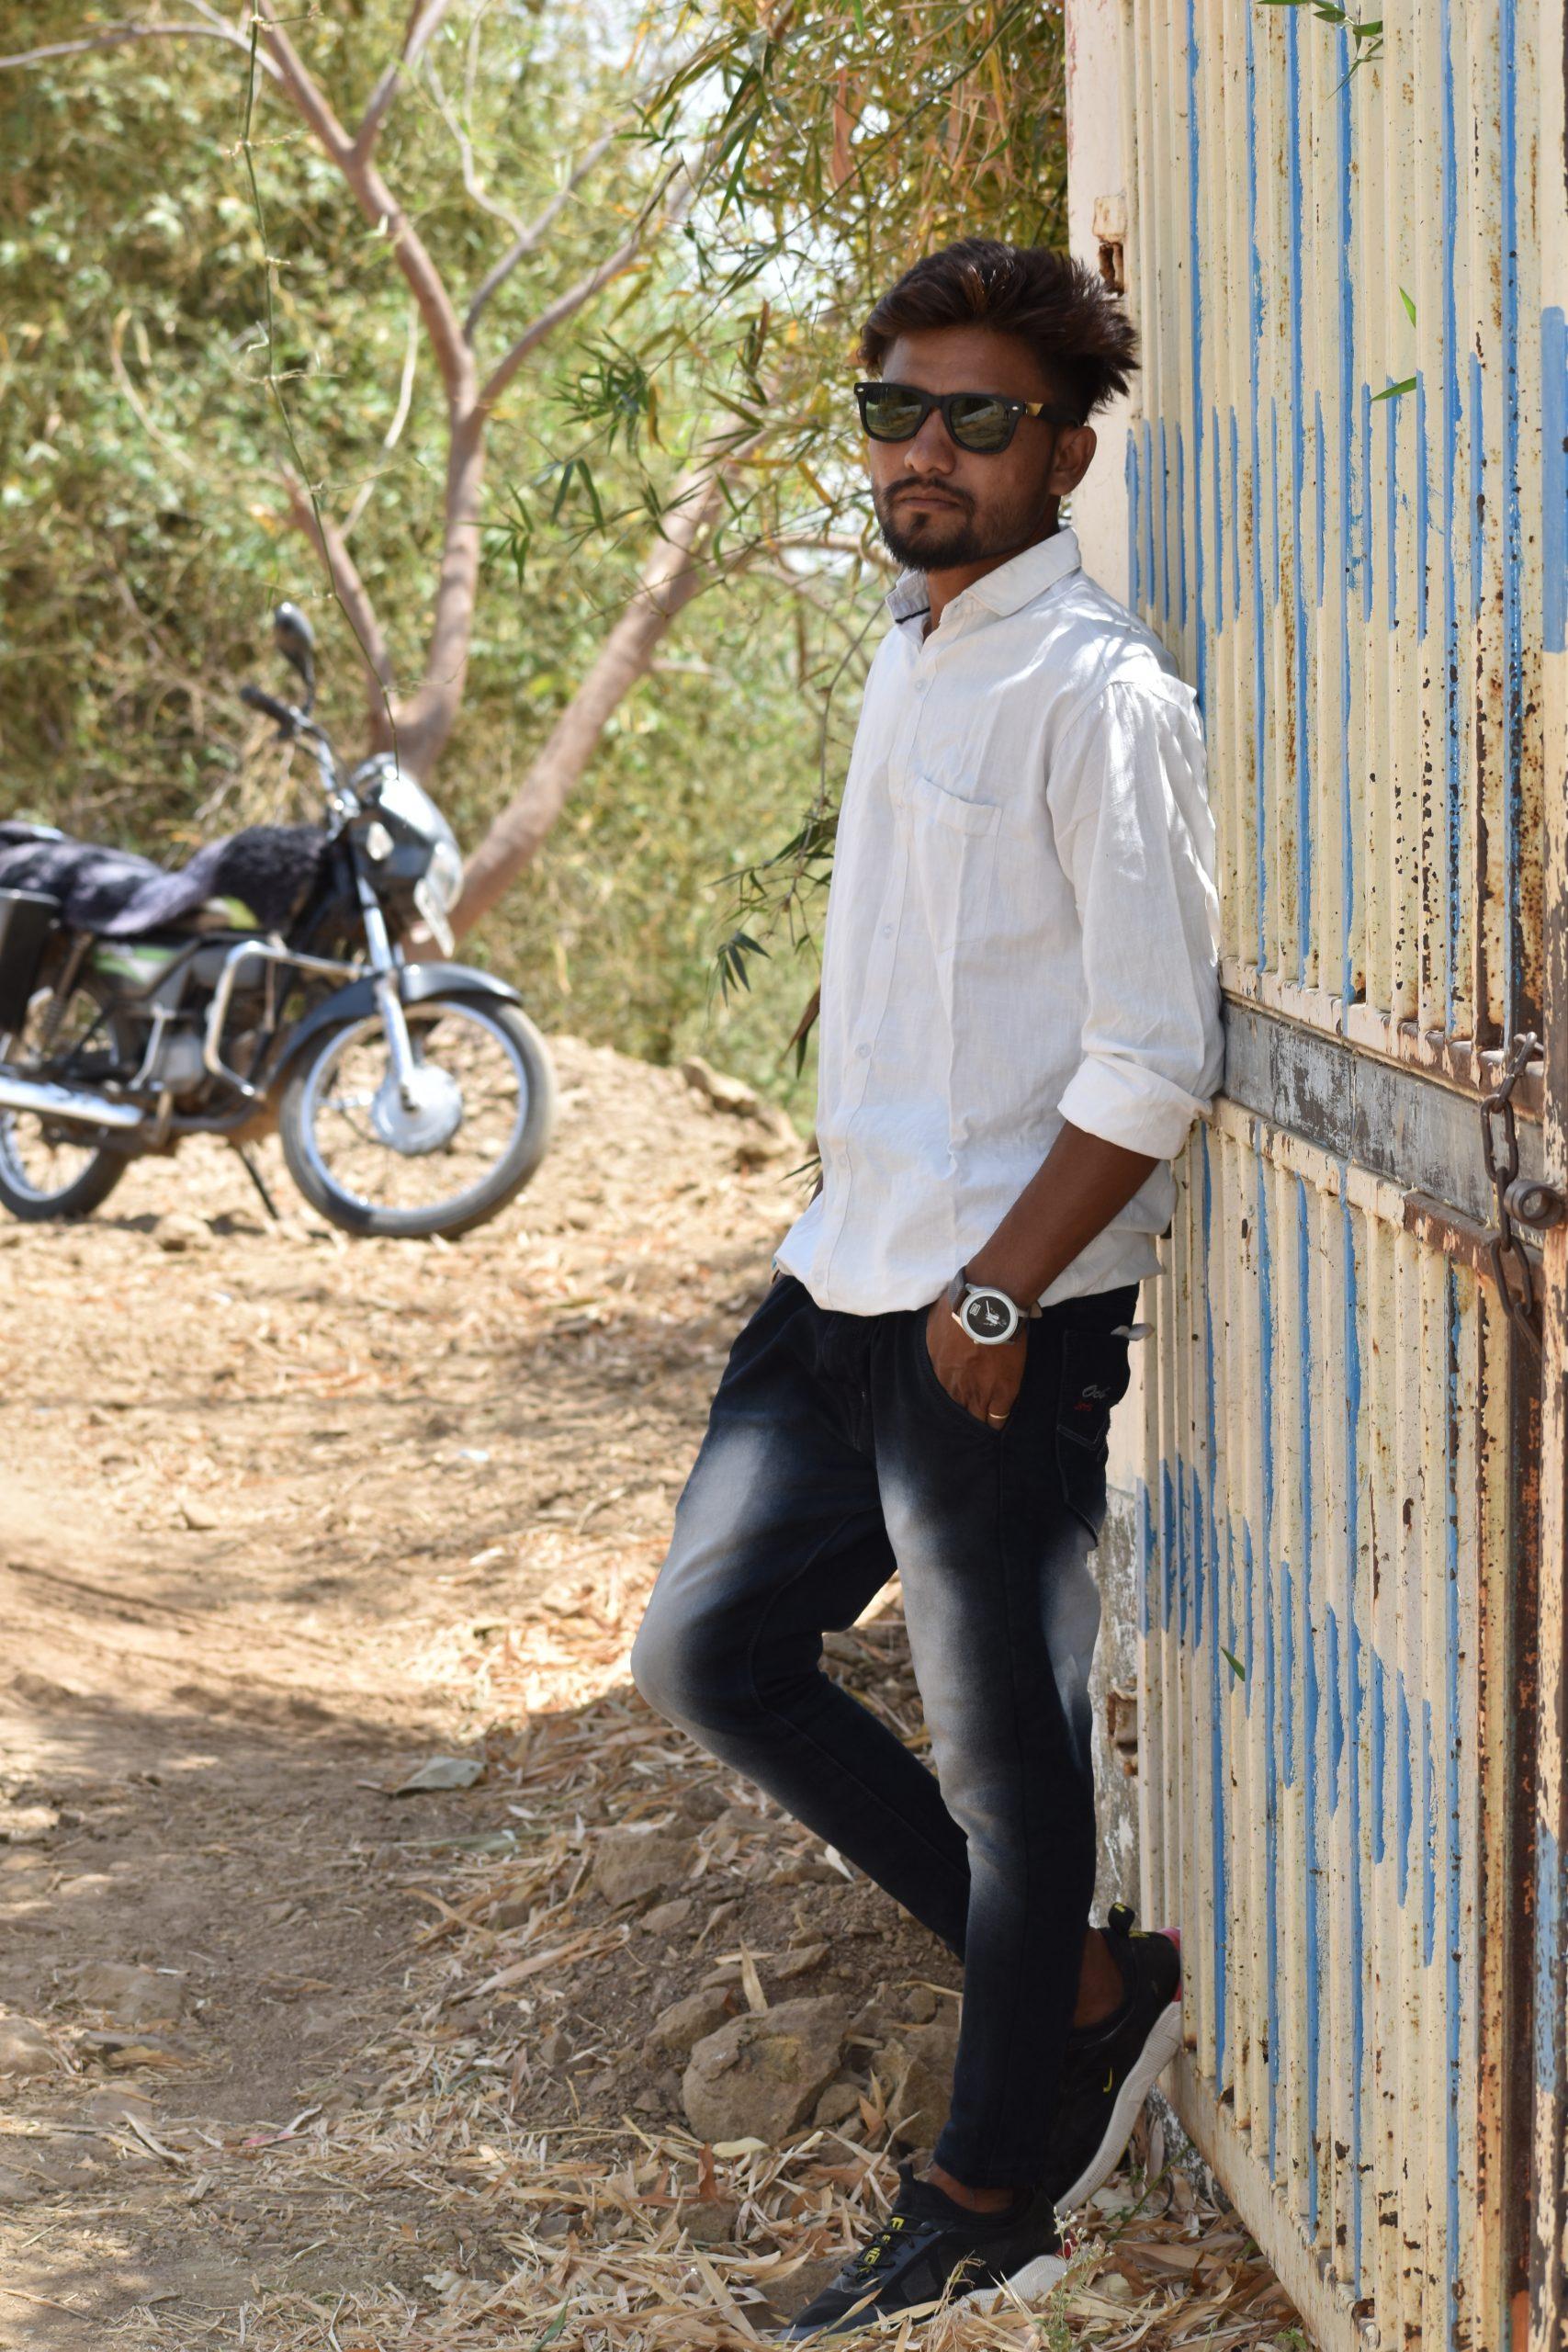 Model posing against the gate